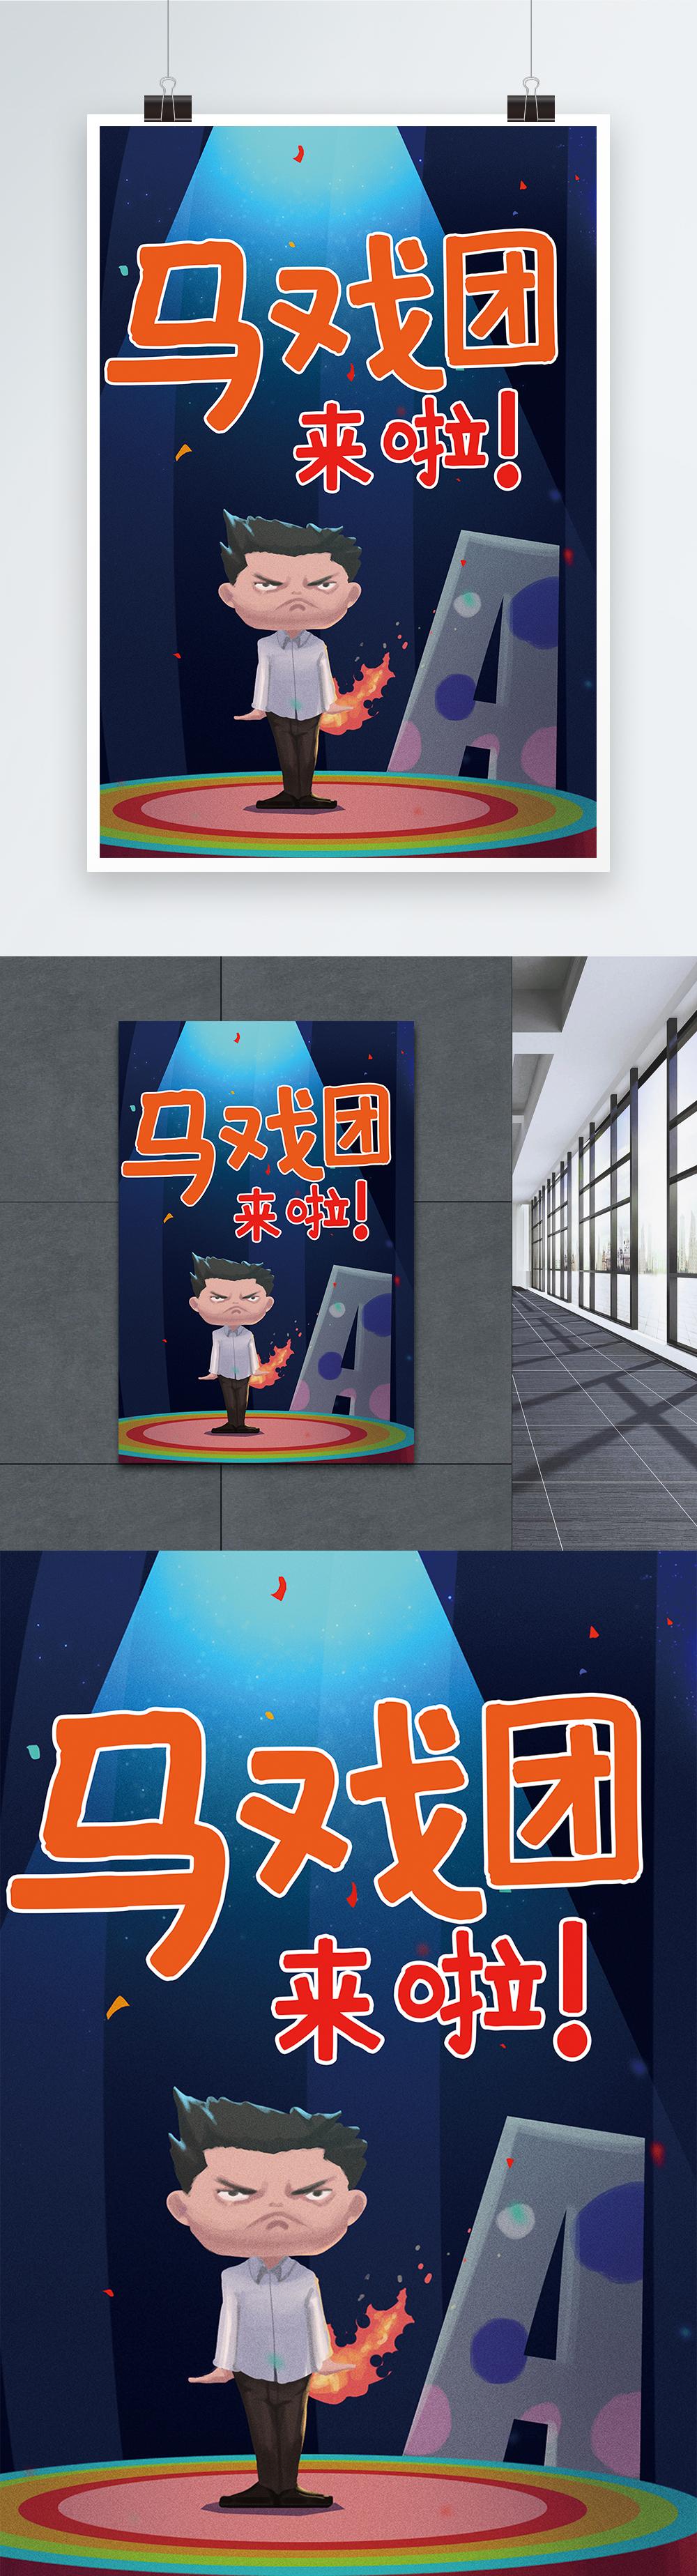 马戏团演出海报图片